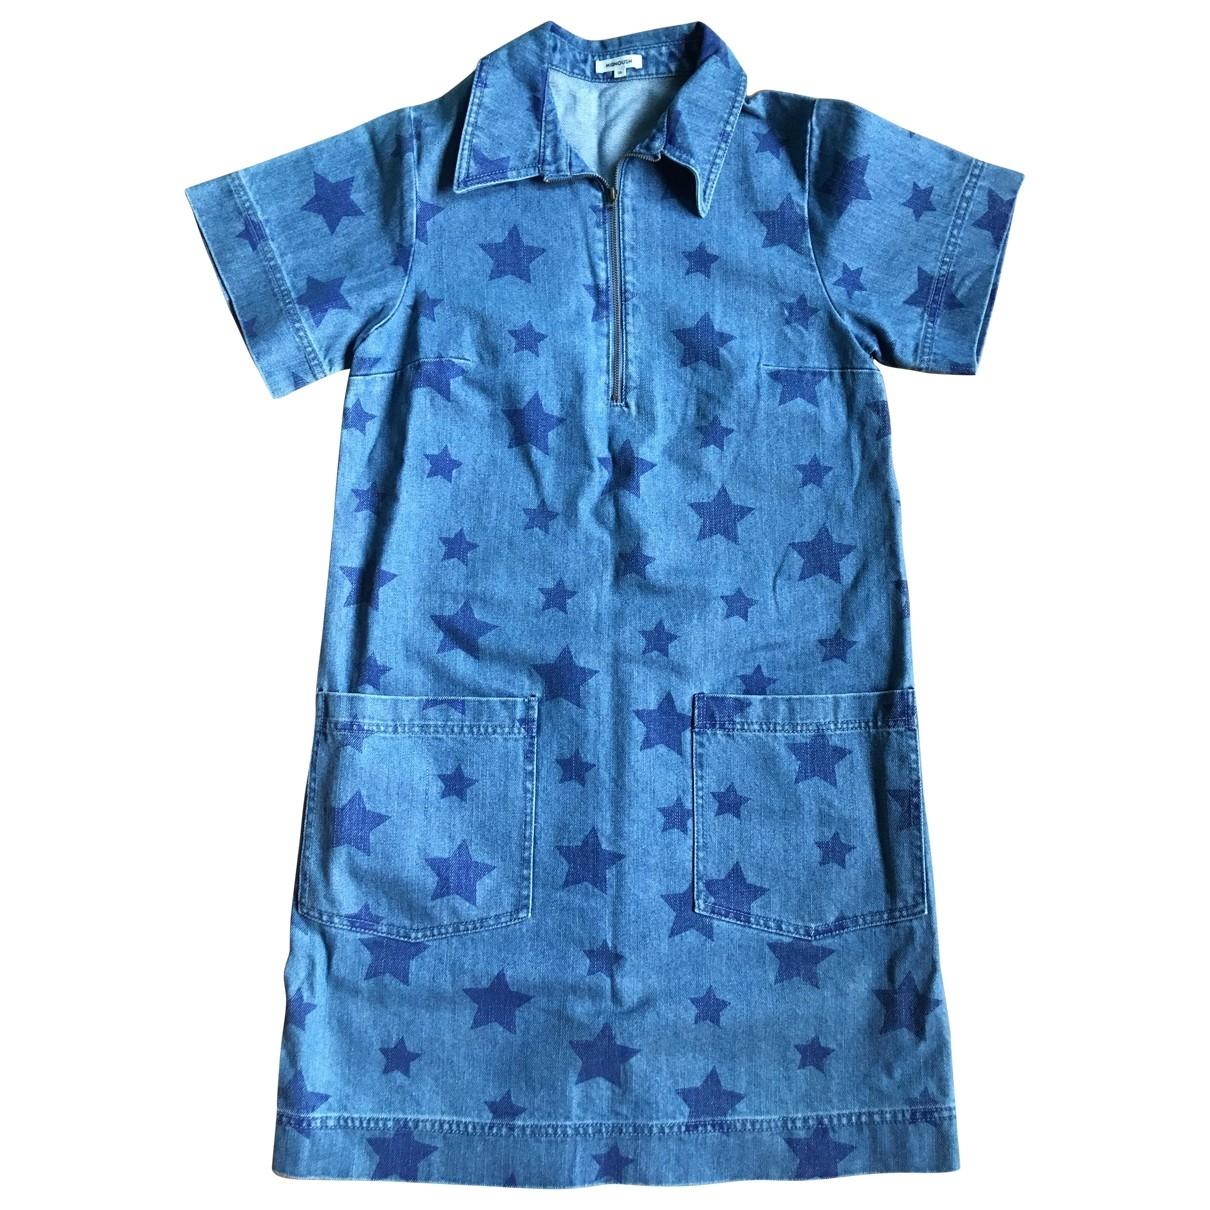 Manoush \N Kleid in  Blau Denim - Jeans